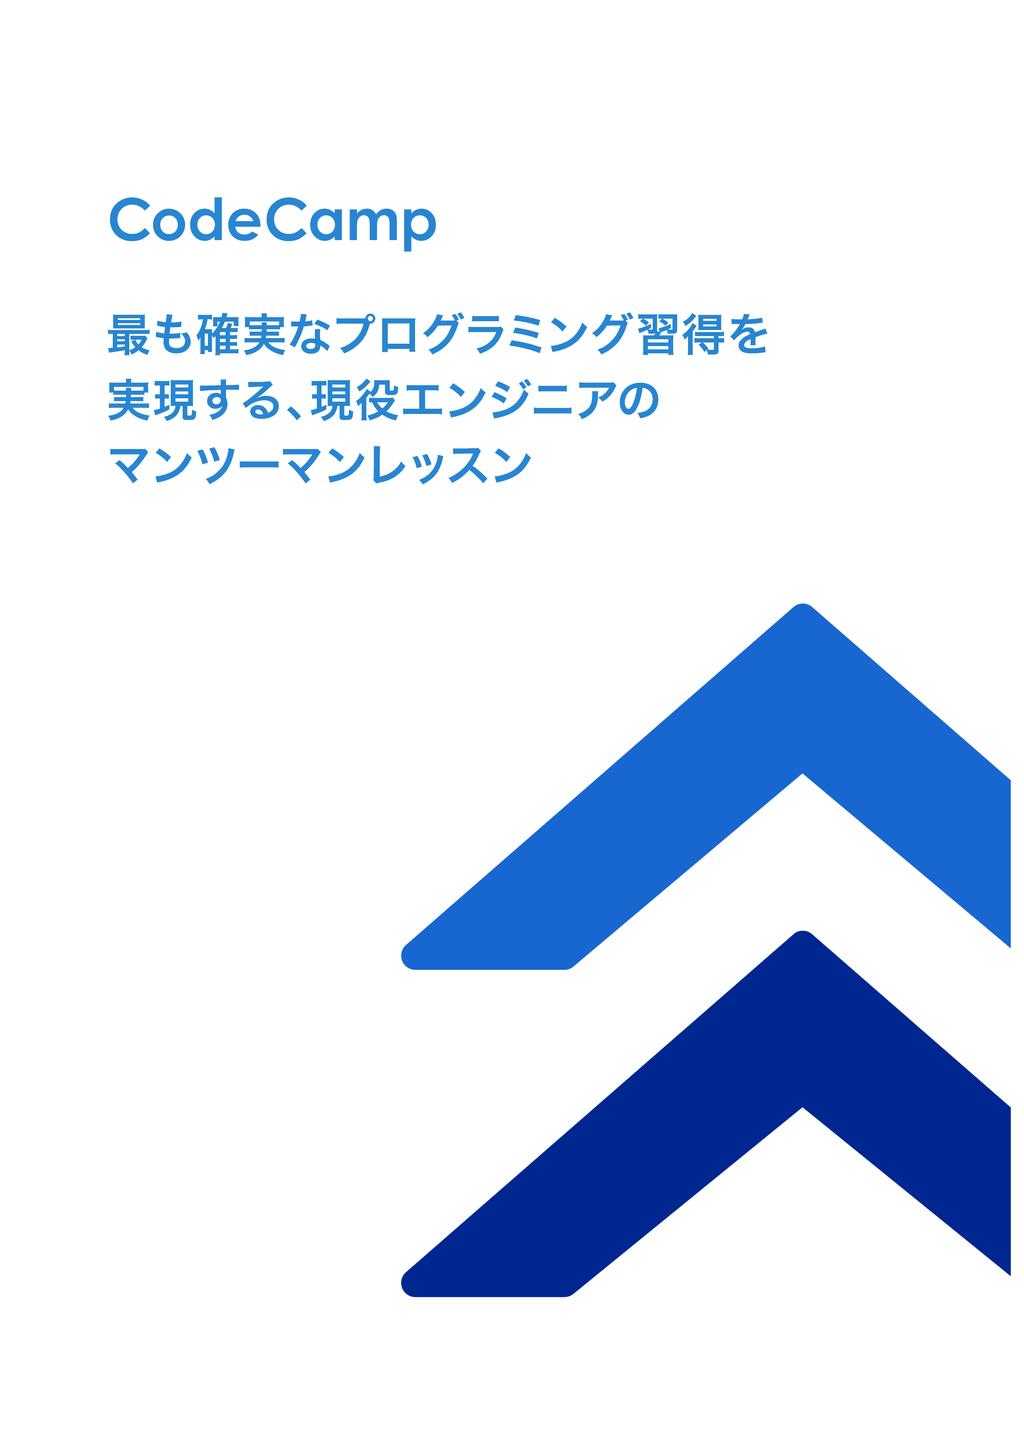 【CodeCamp】現役エンジニアのマンツーマンレッスンの資料